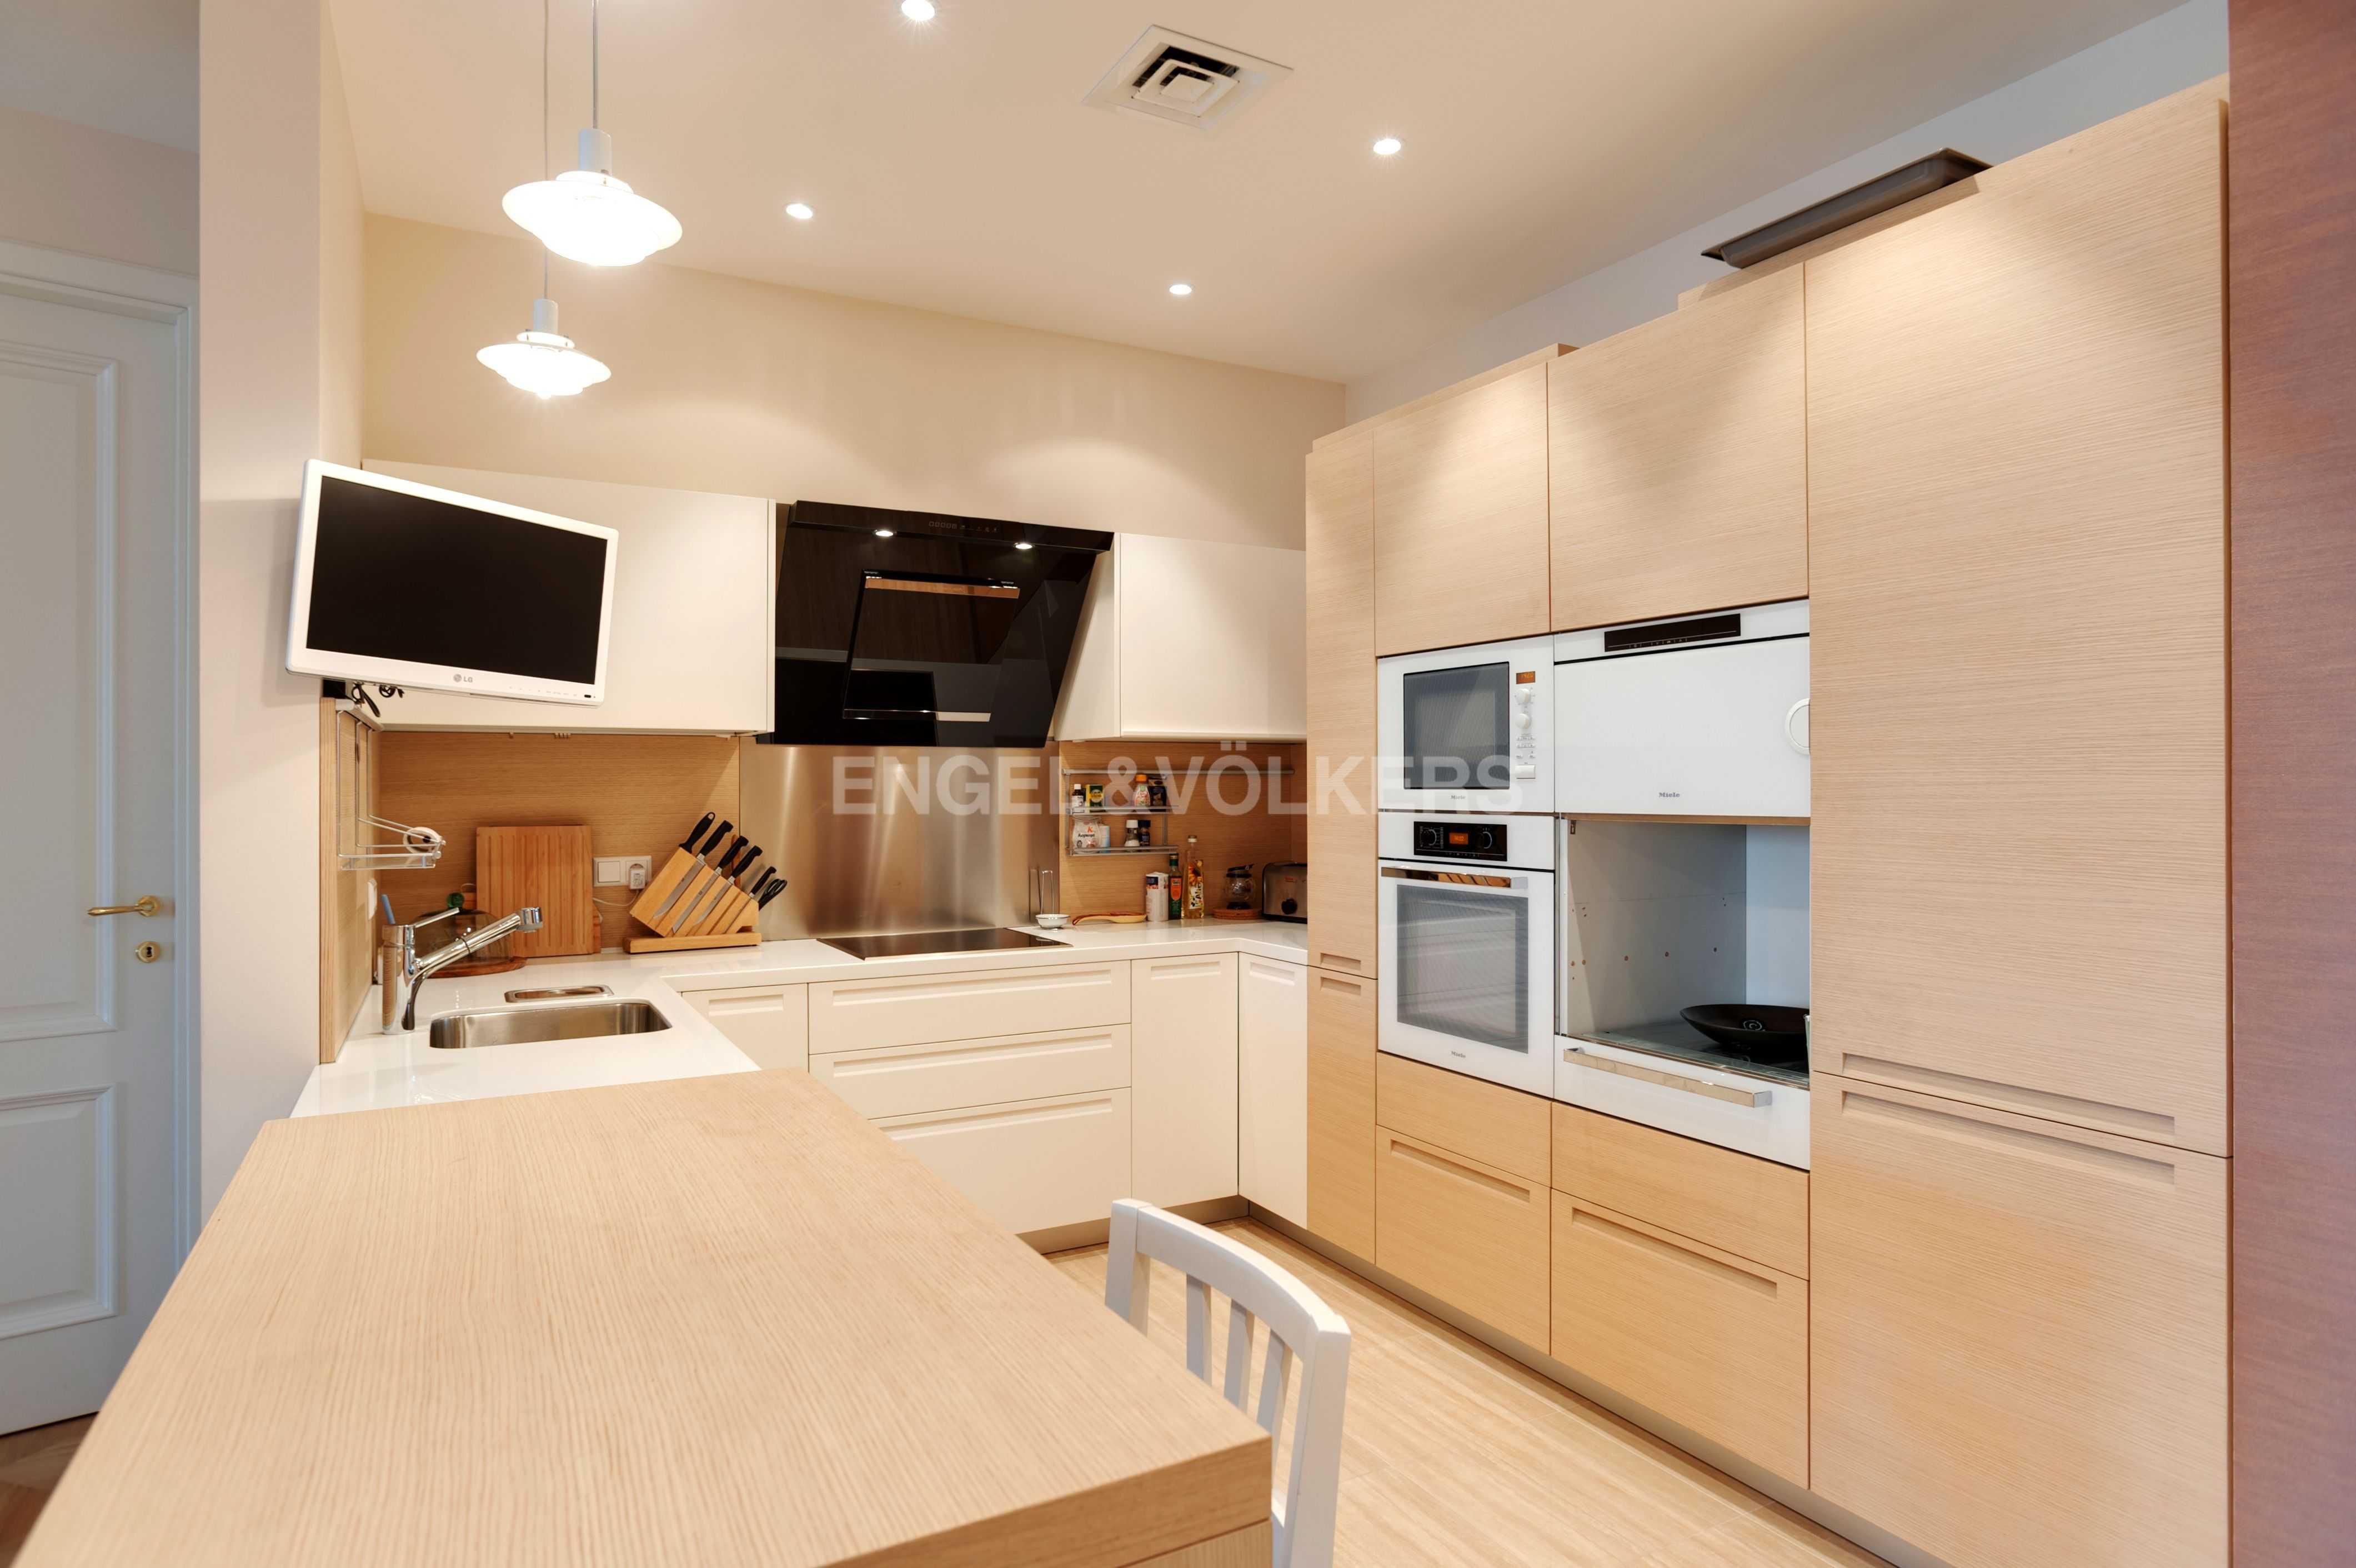 Элитные квартиры в Центральный р-н. Санкт-Петербург, Тверская ул., 1A . Встроенная кухня